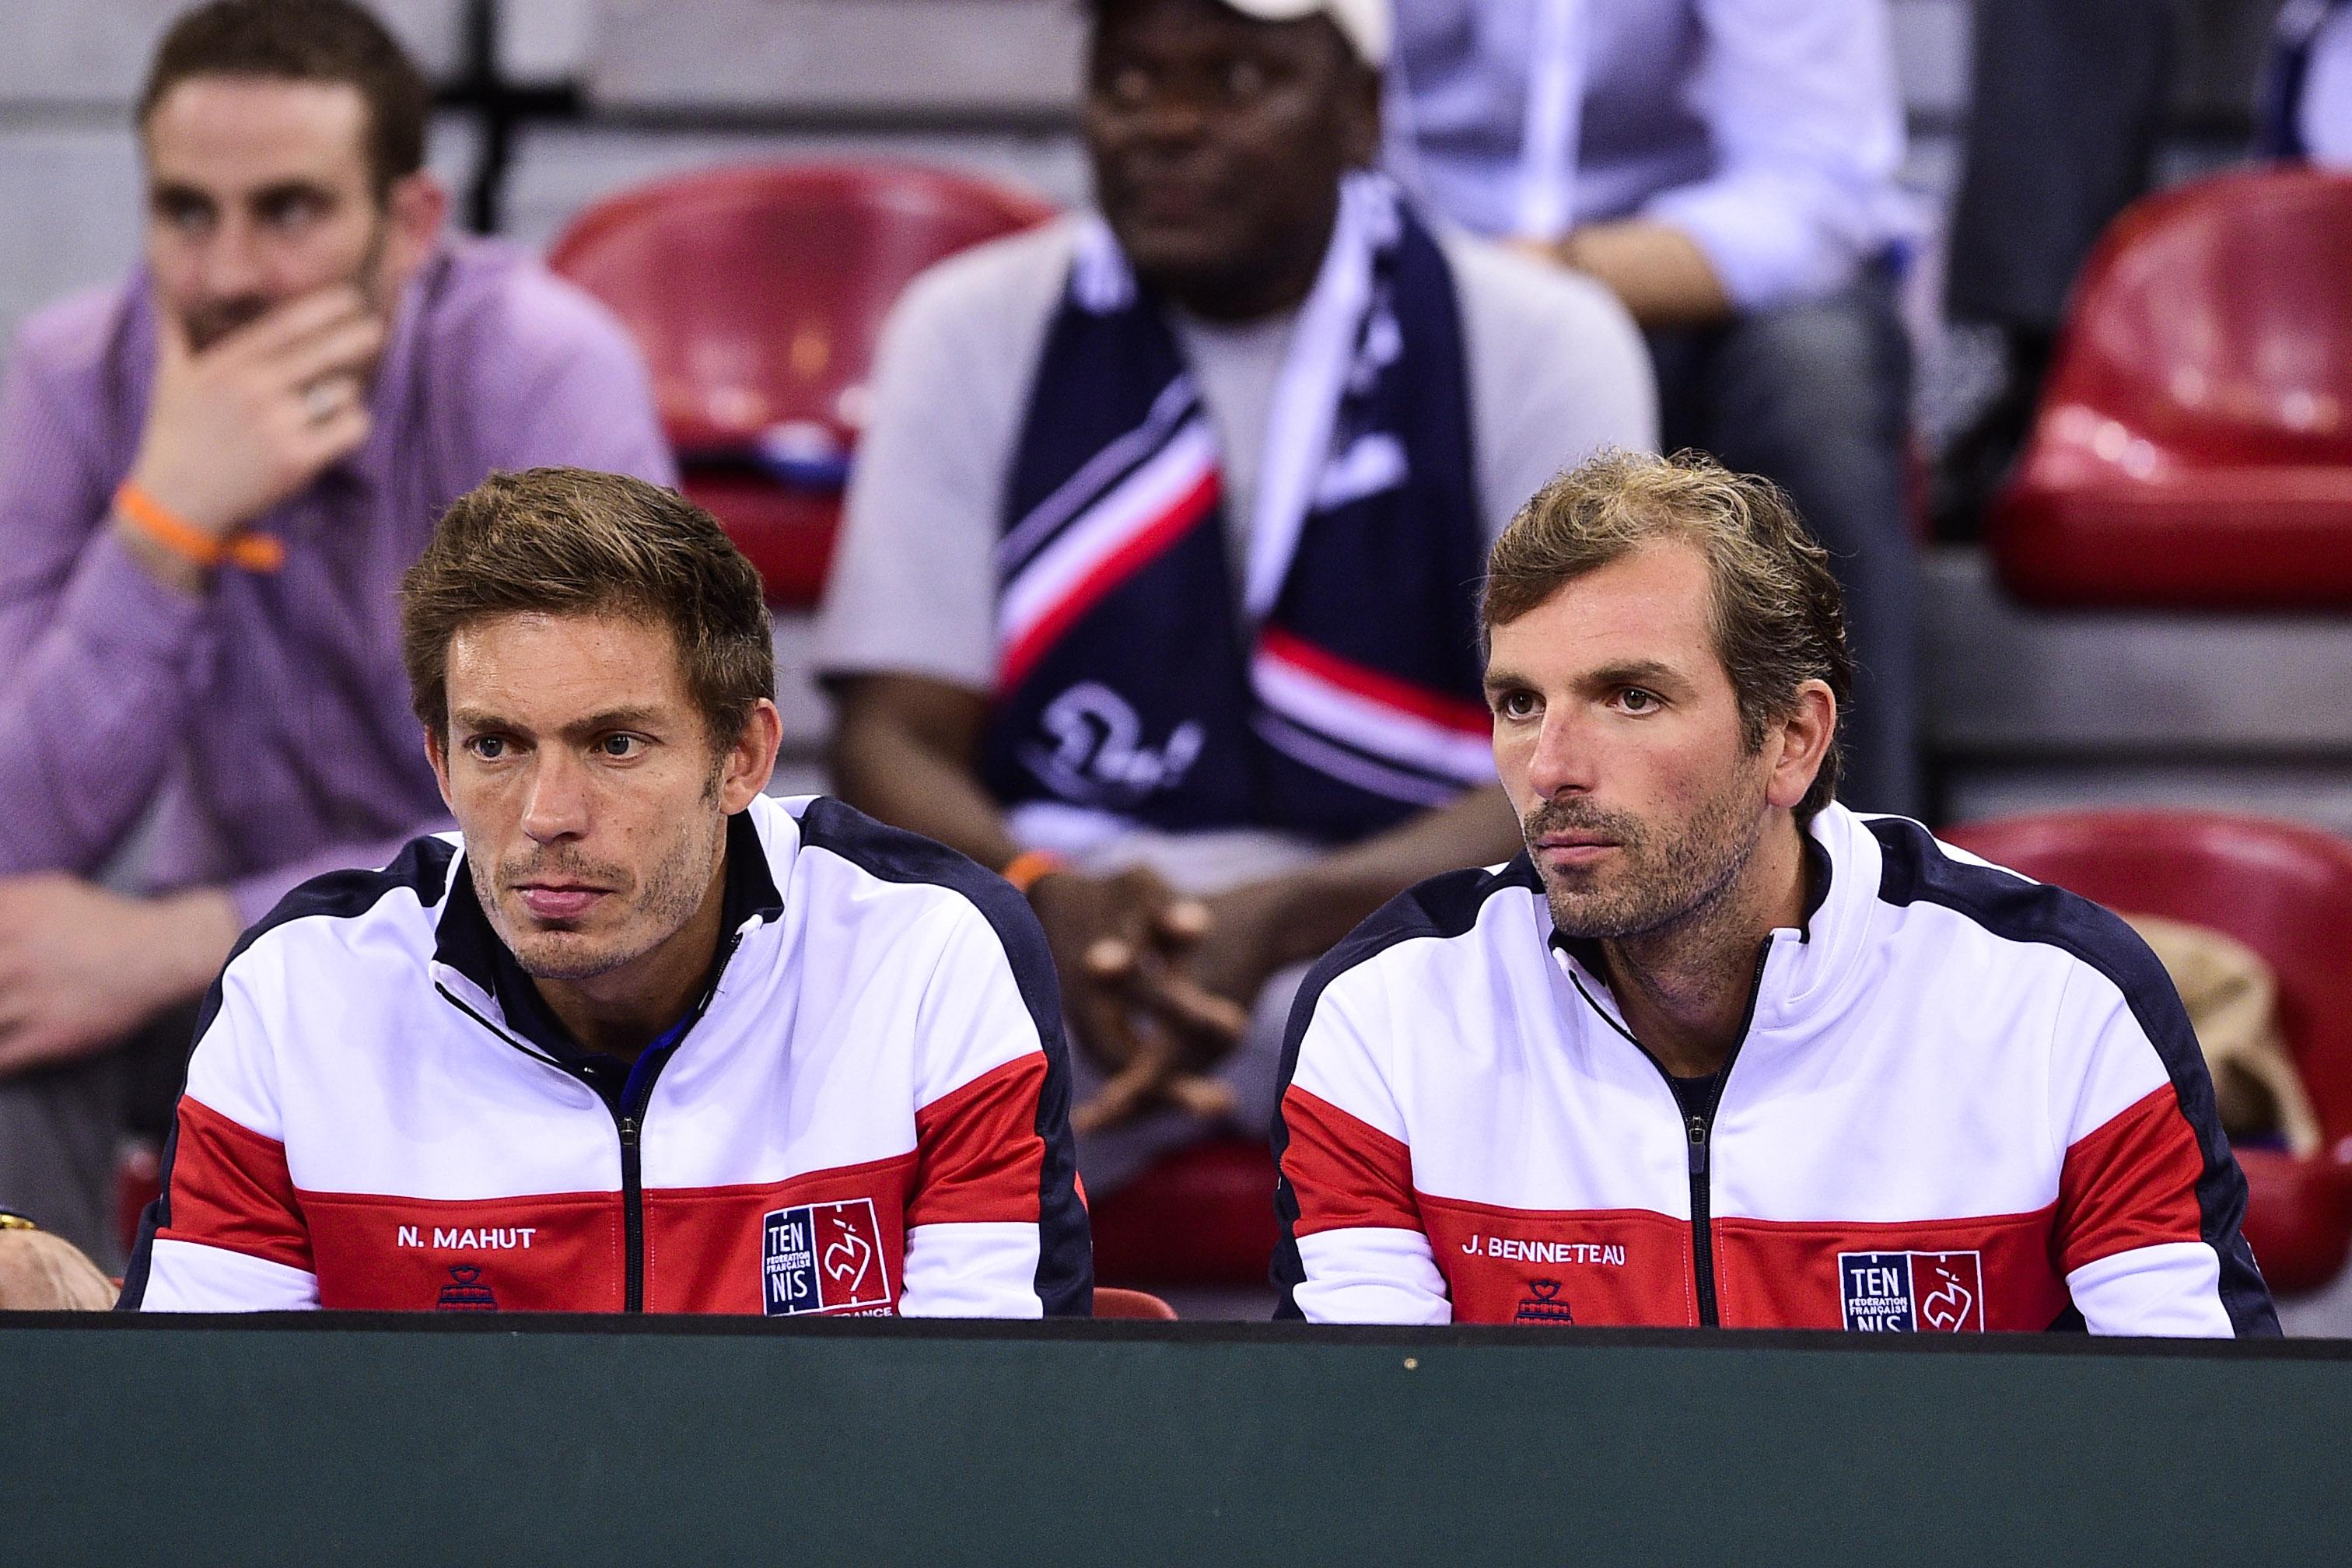 Tennis - Coupe Davis - Finale de Coupe Davis : vers une paire Mahut-Benneteau